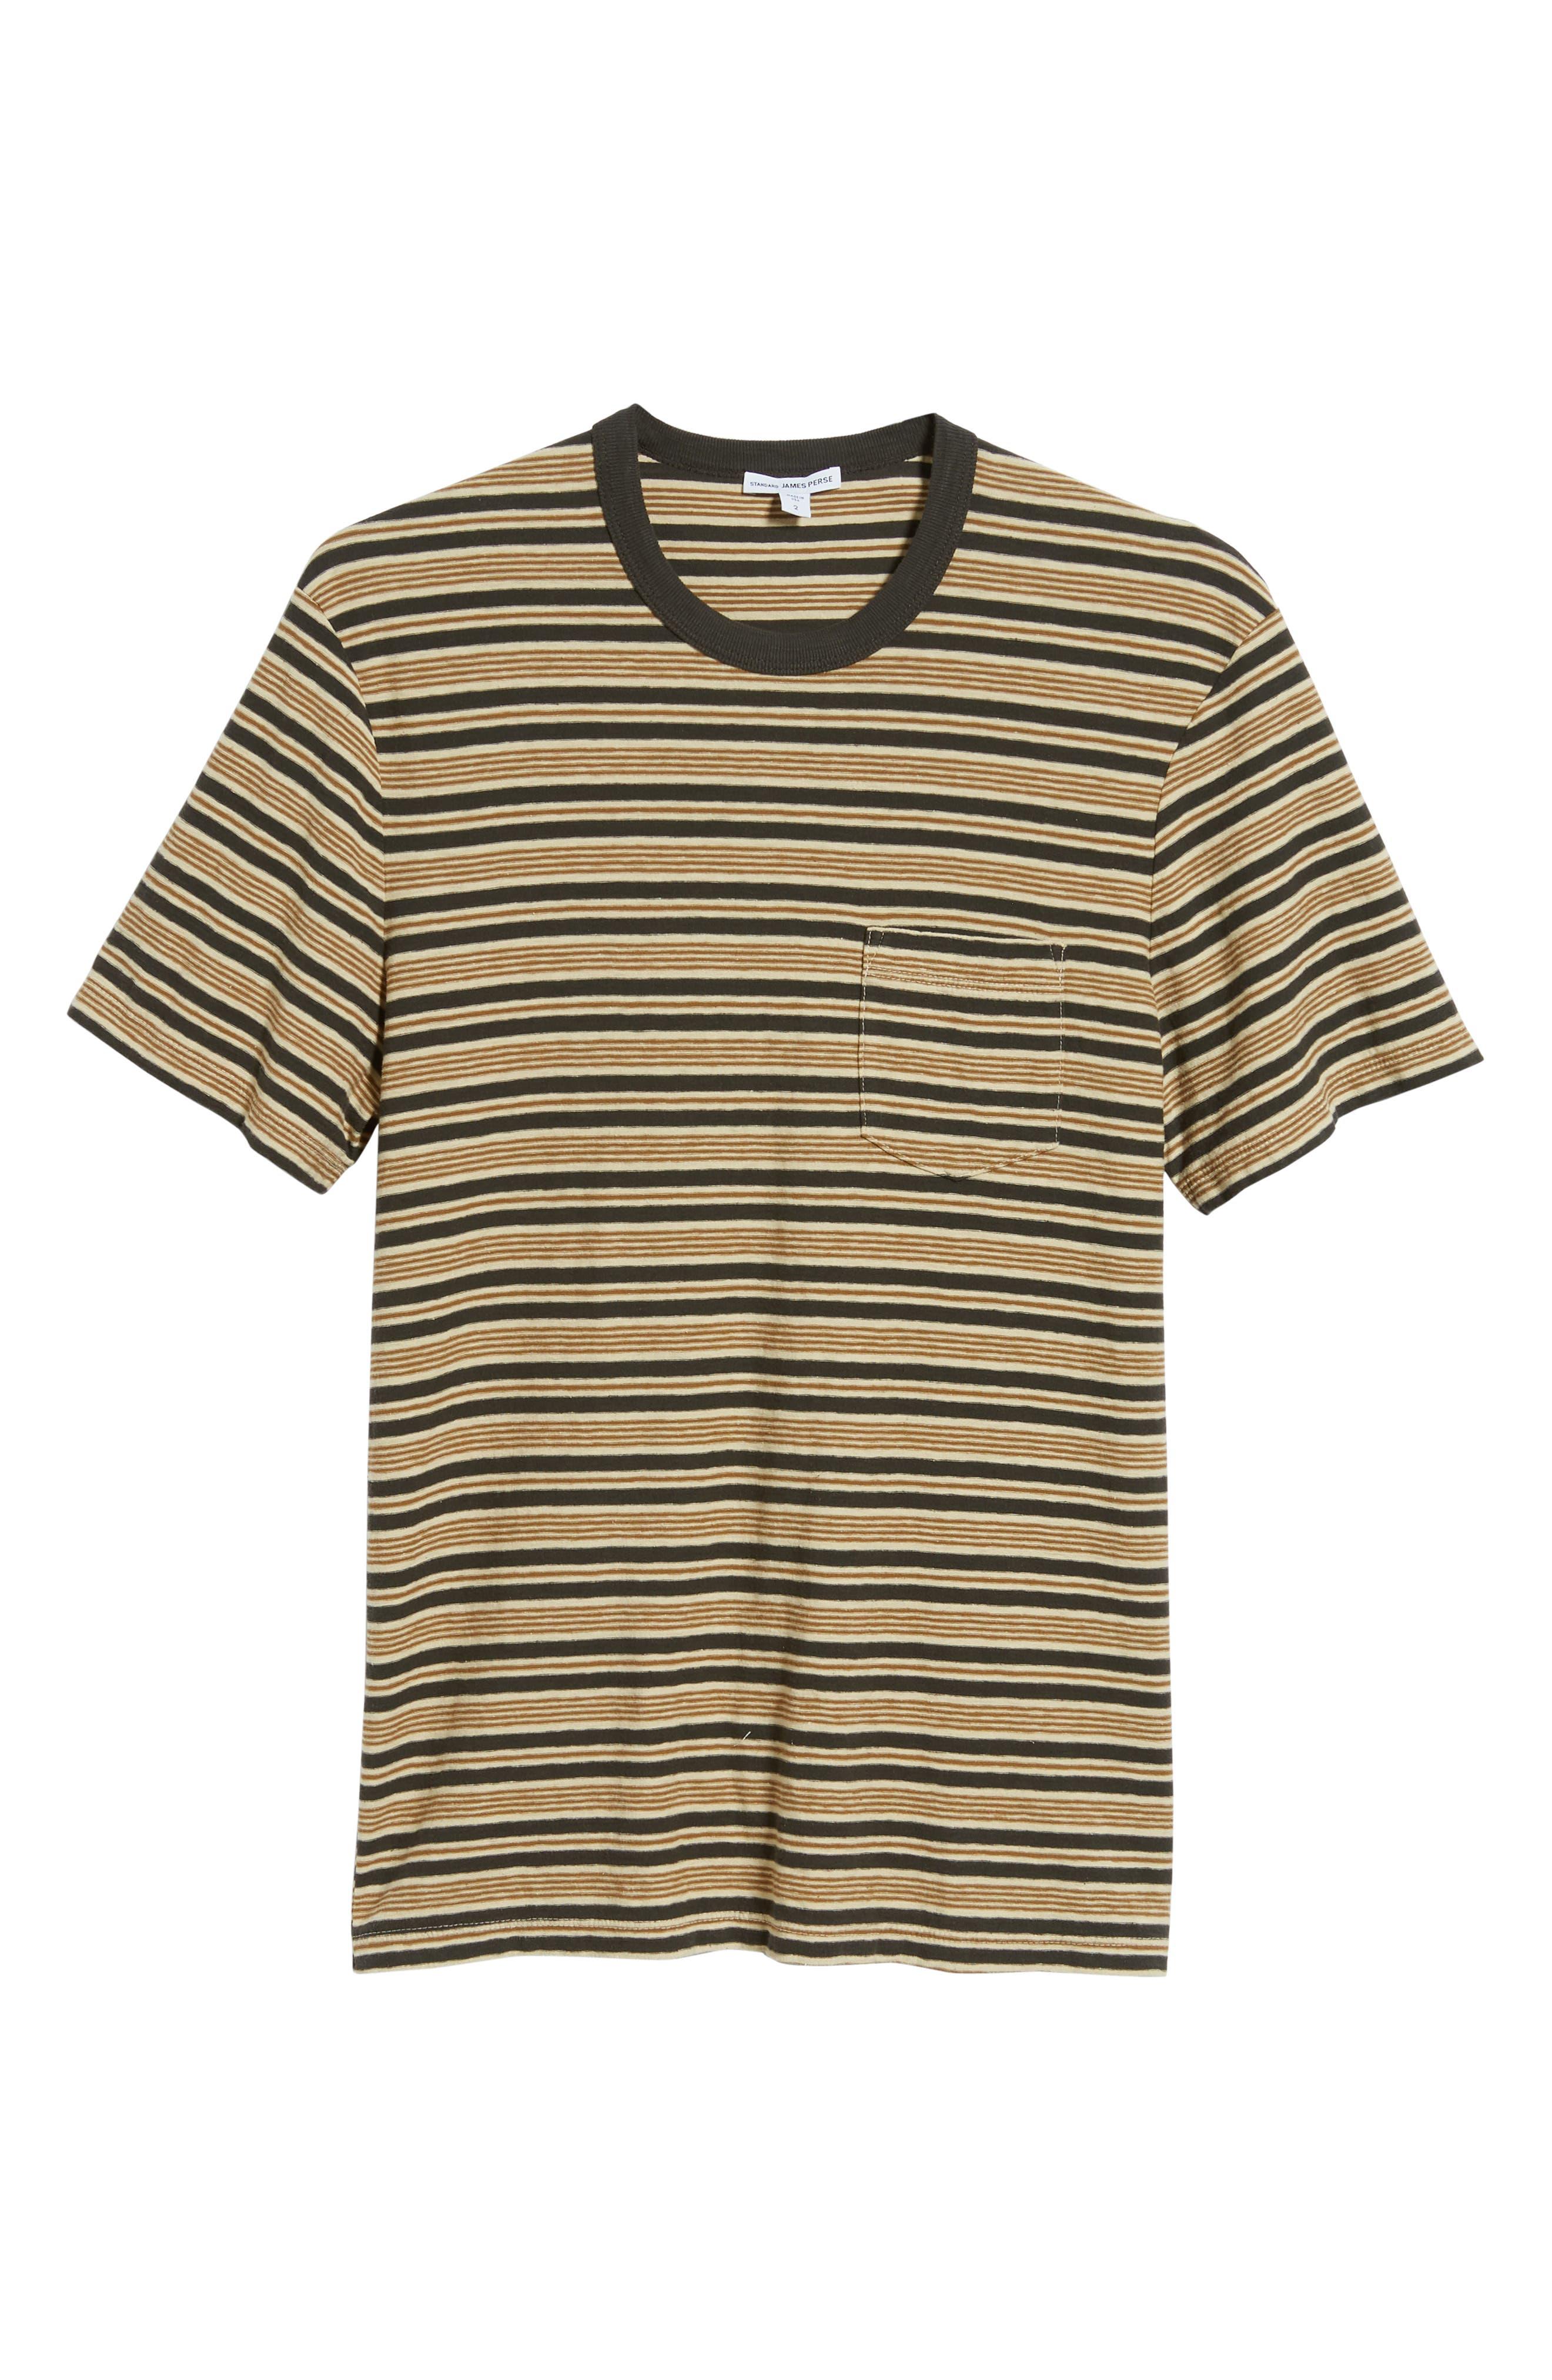 Vintage Stripe Regular Fit Pocket T-Shirt,                             Alternate thumbnail 6, color,                             300